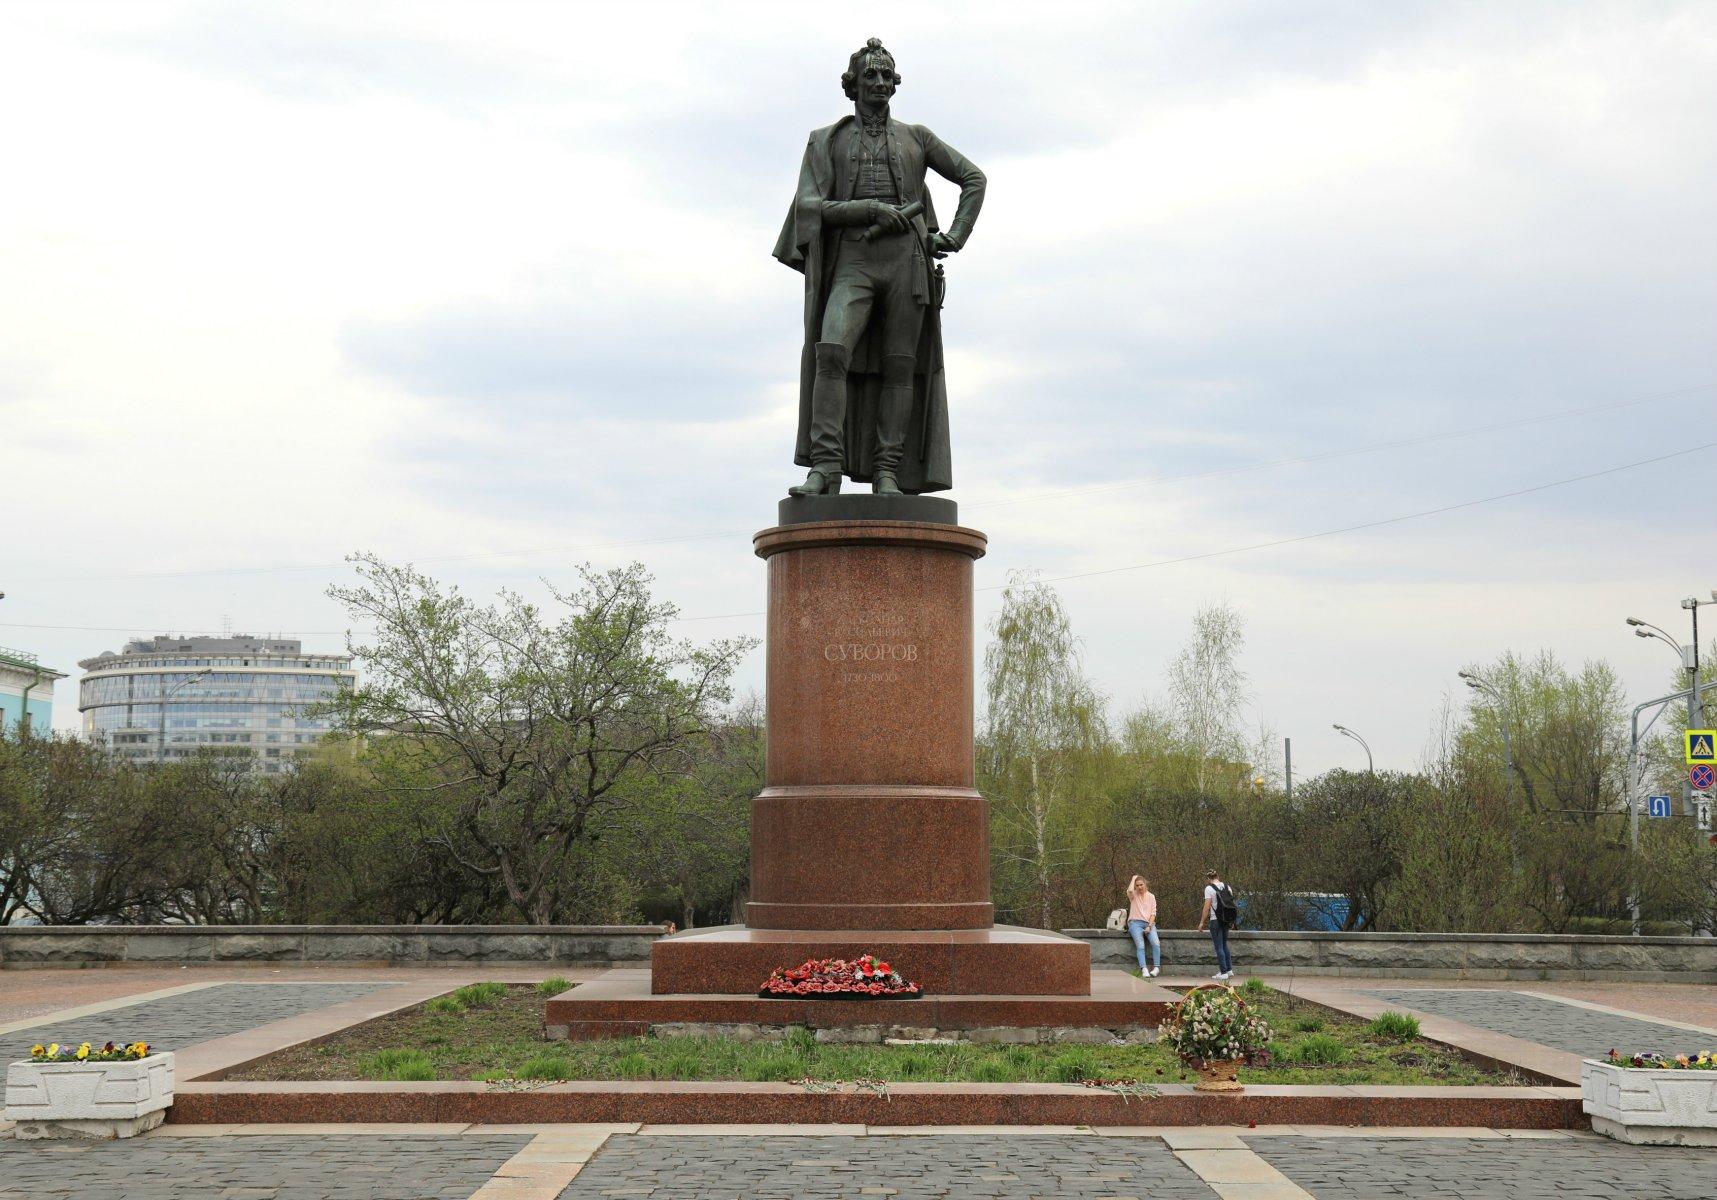 Памятник А.В. Суворову. Фото i4.photo.2gis.com